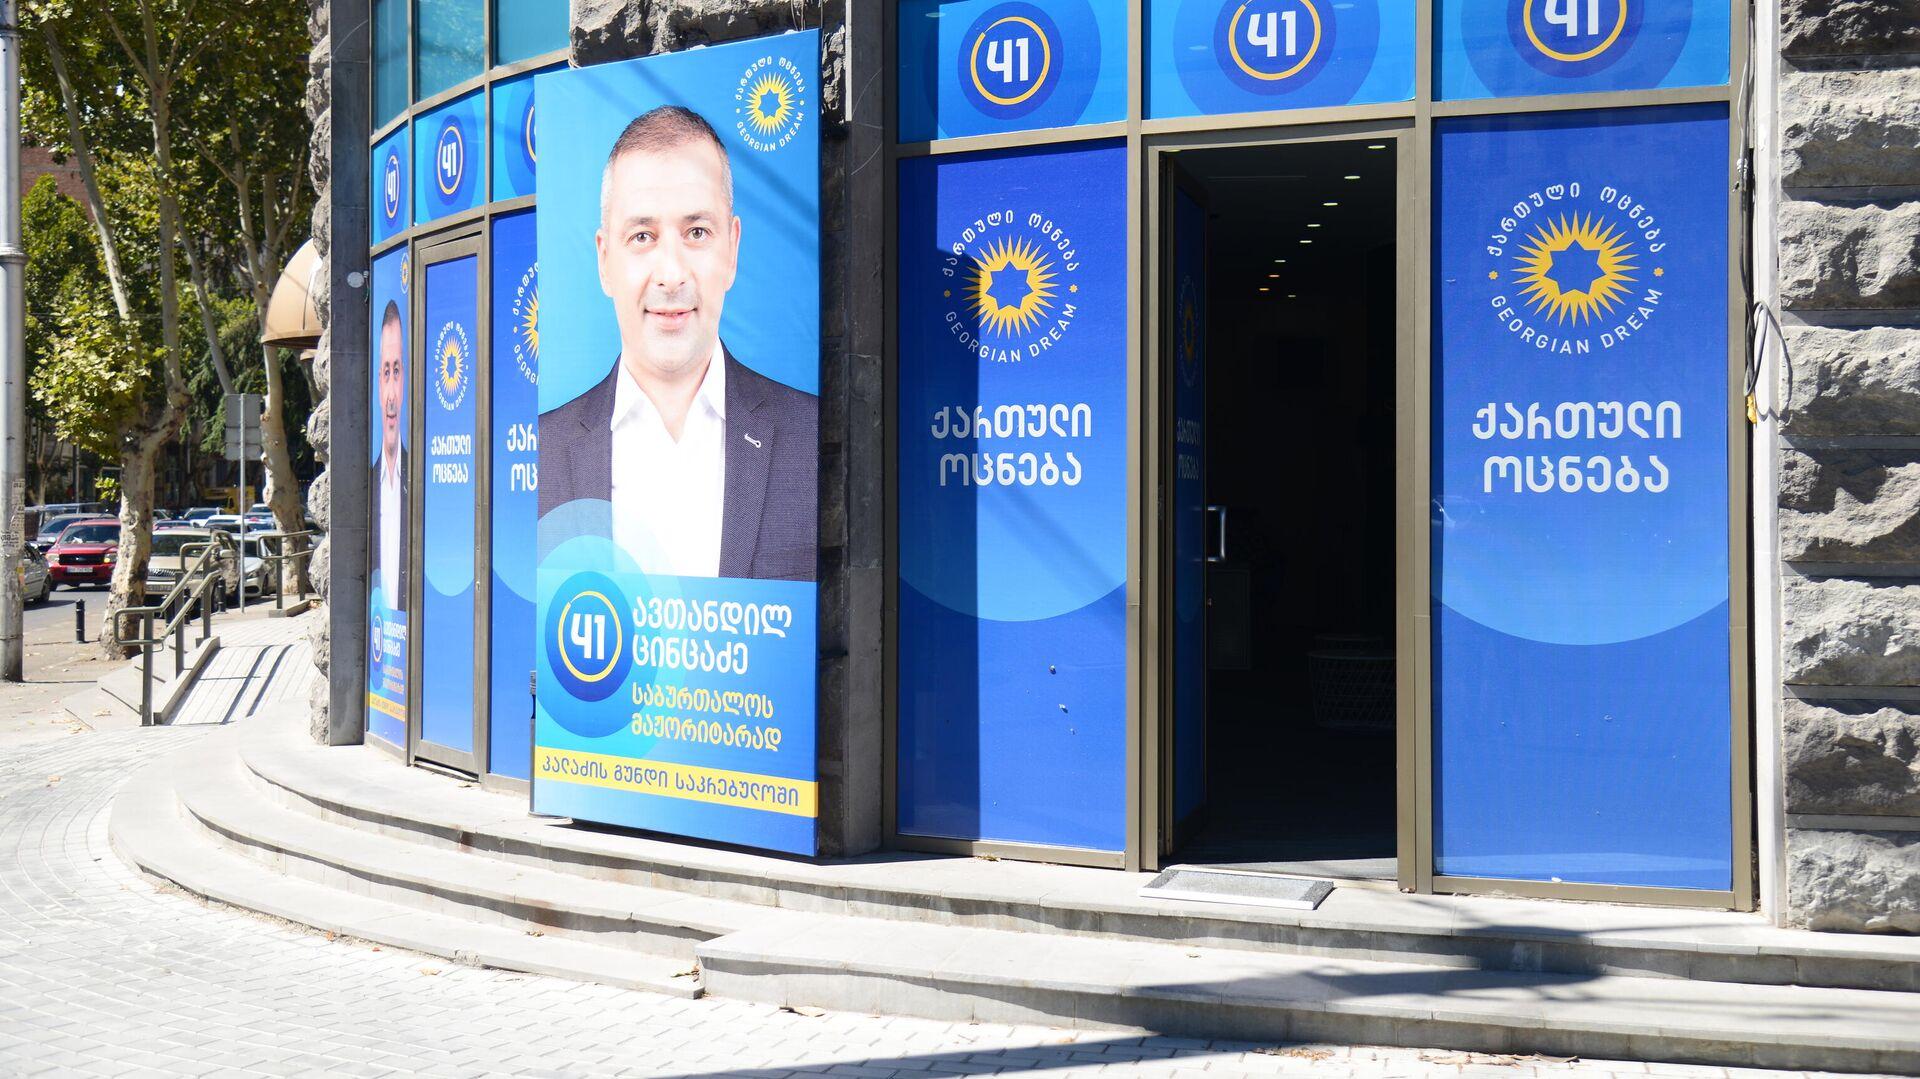 Предвыборная реклама - баннер партии Грузинская мечта, Автандил Цинцадзе - Sputnik Грузия, 1920, 27.09.2021